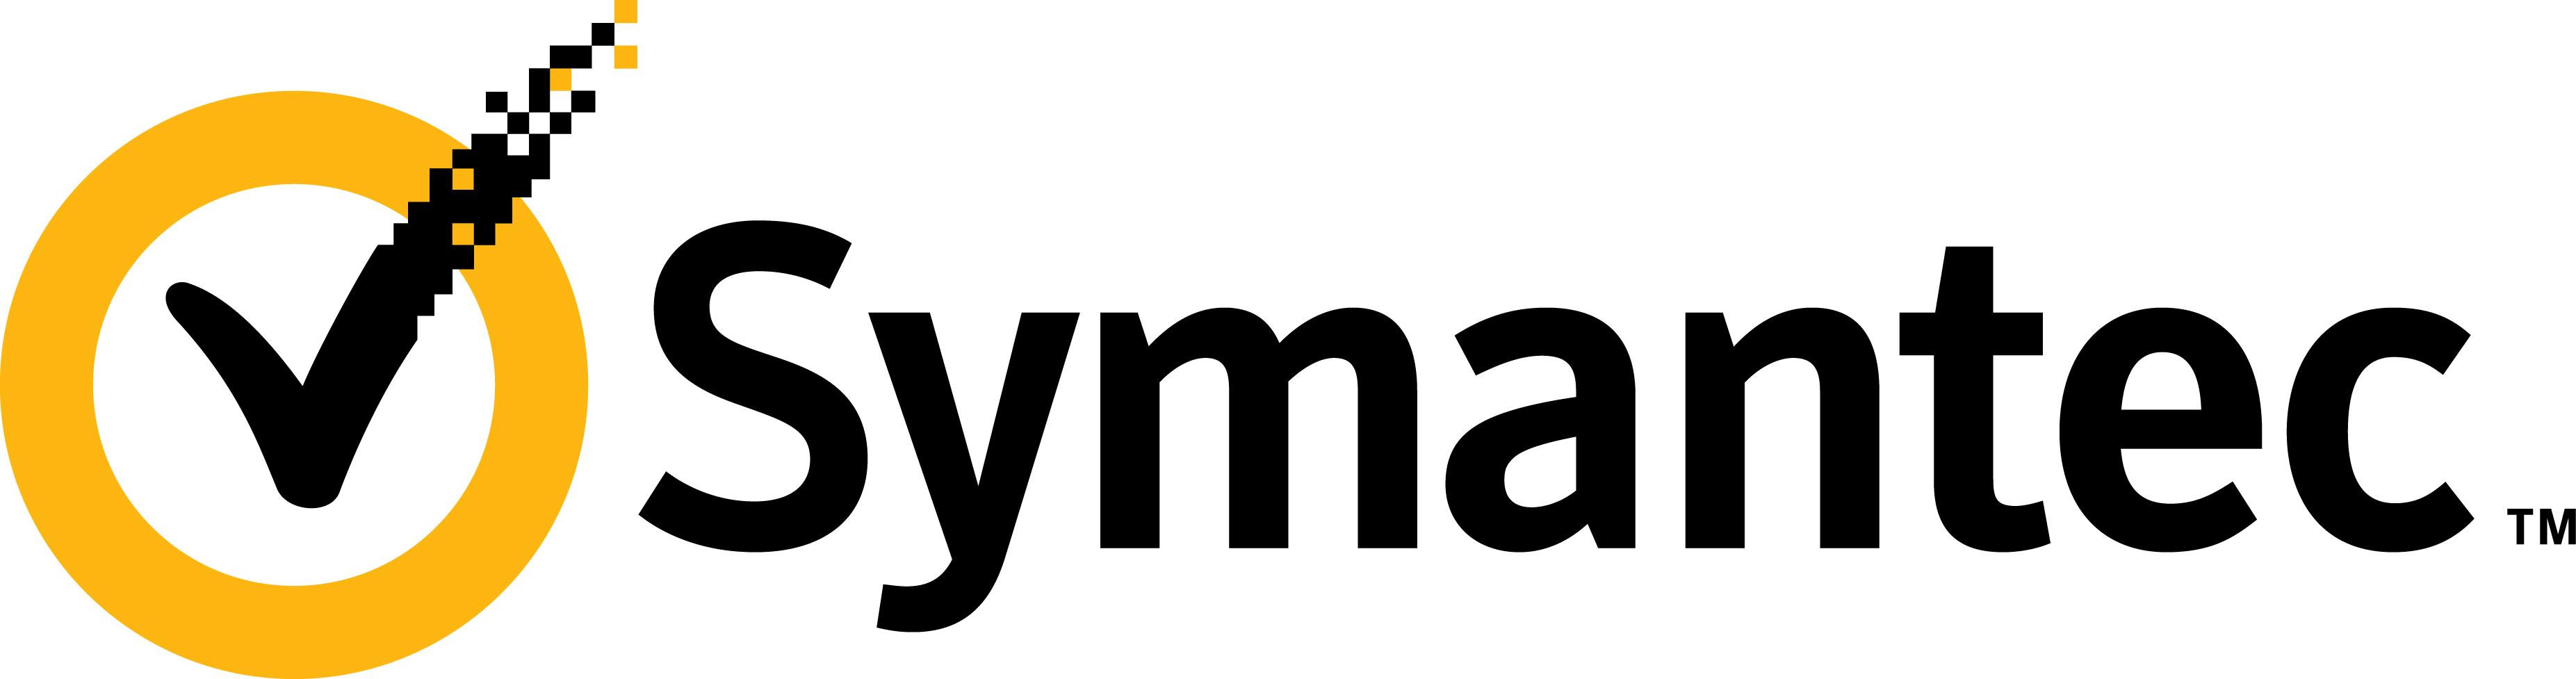 Symantec web security cloud